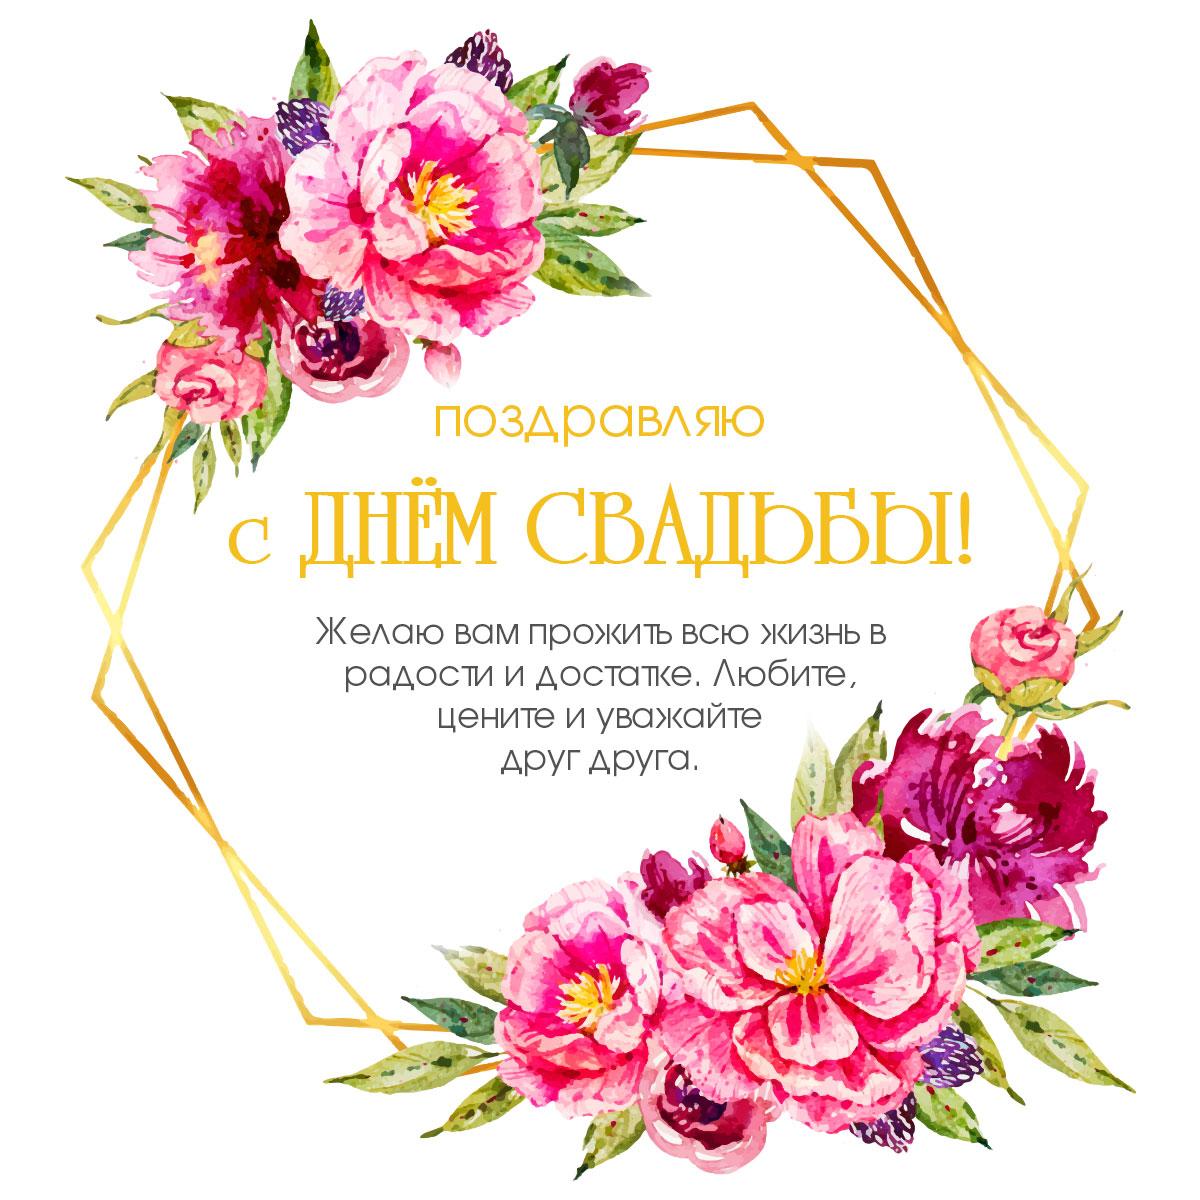 Надпись поздравляю с днем свадьбы в геометрической рамке с цветами.